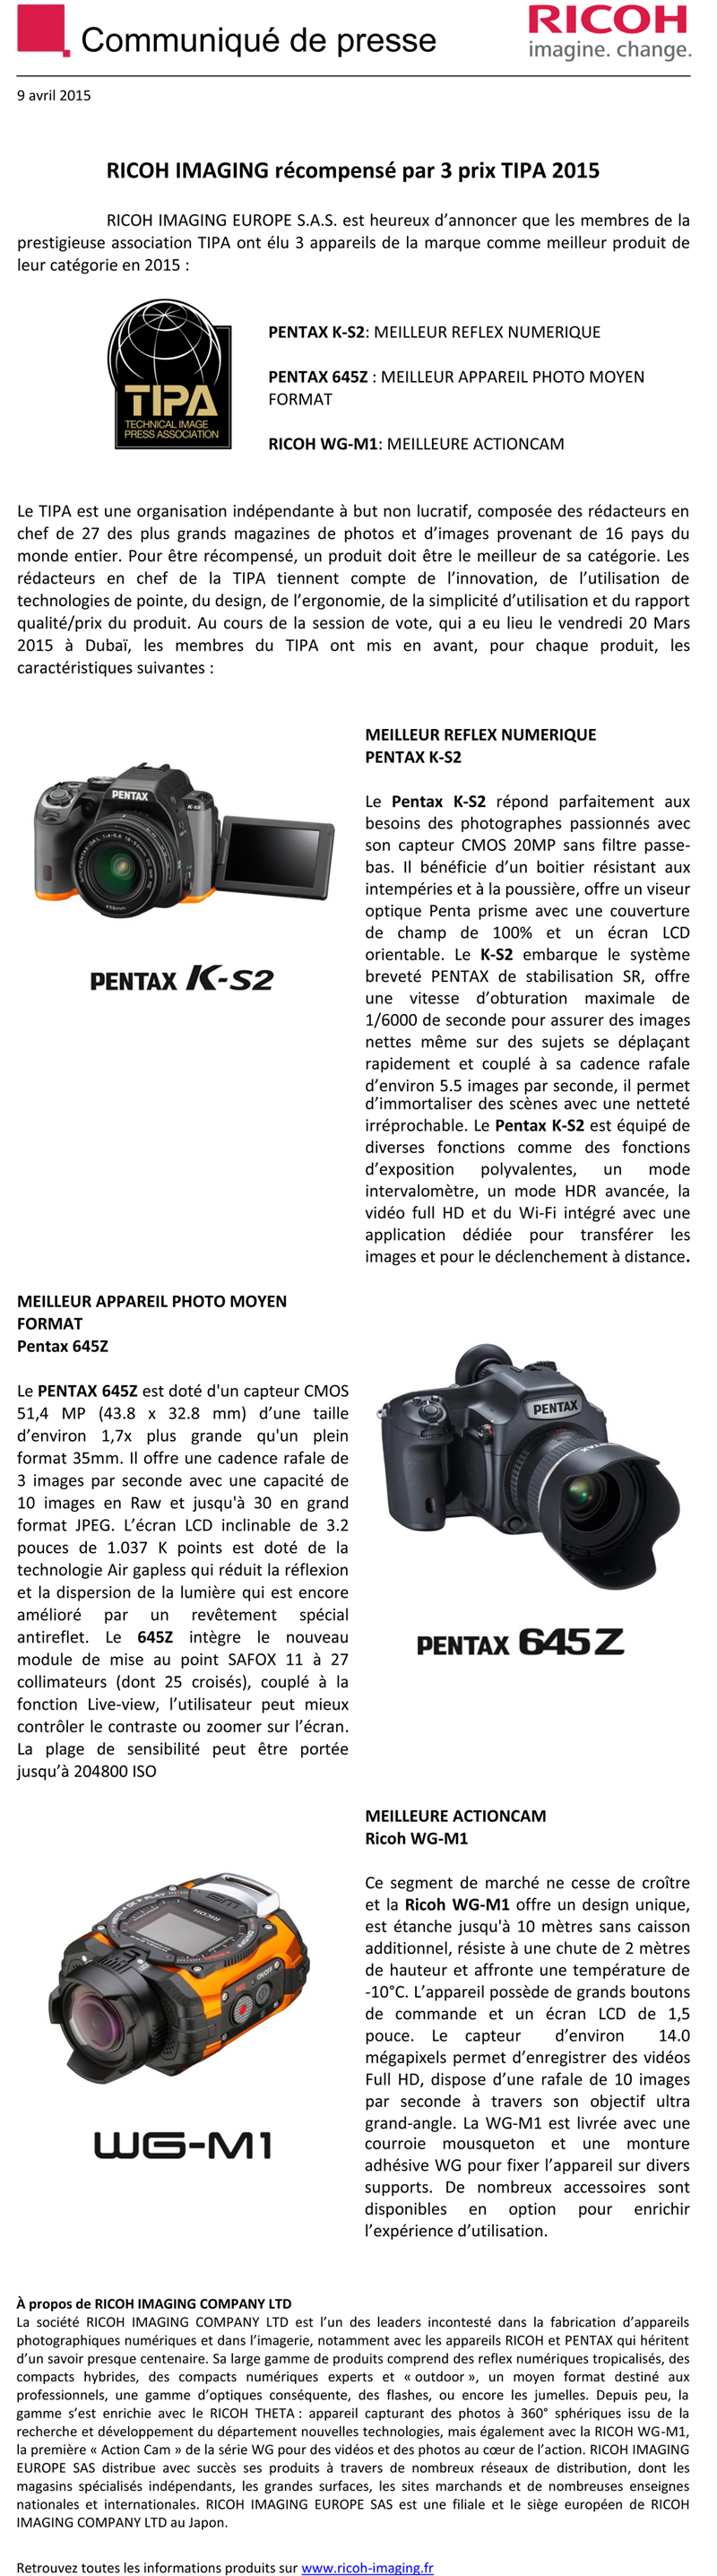 TIPA 2015 : Triplé gagnant pour PENTAX RICOH IMAGING RIK48J